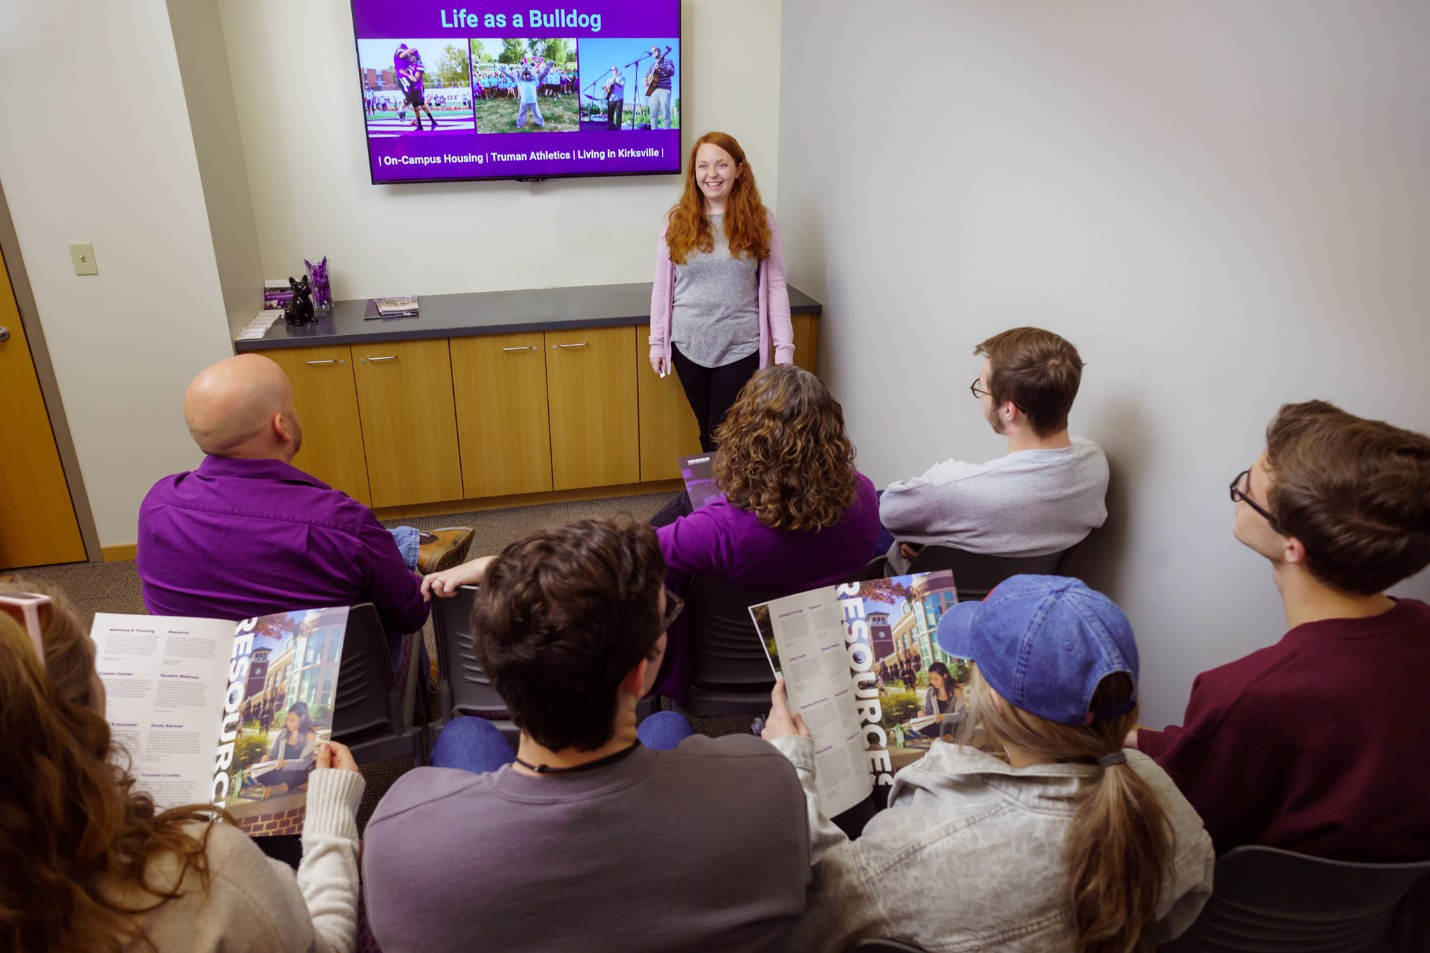 Hiện thực hóa giấc mơ du học Mỹ với học bổng lên tới 60.000$ (khoảng 1,3 tỷ VNĐ) tại Đại học Truman State, Missouri - Ảnh 2.